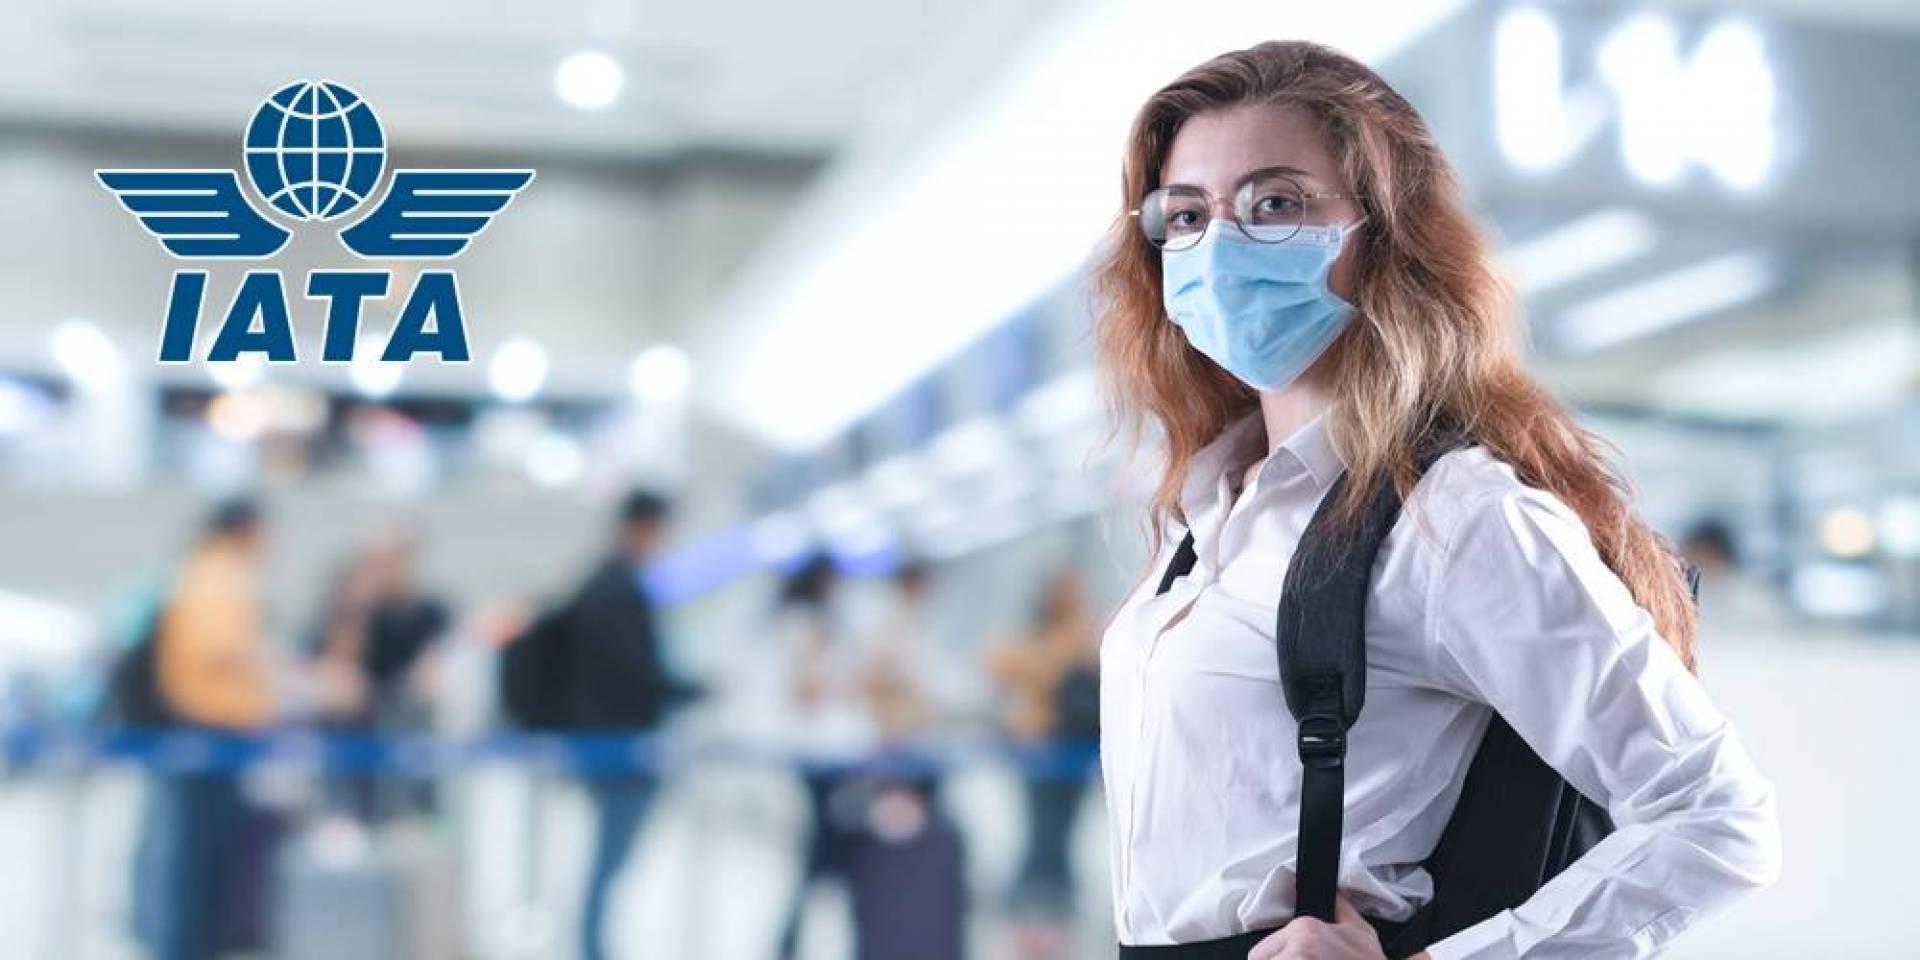 بلومبيرغ: «جواز سفر كورونا».. شرط لركوب الطائرات